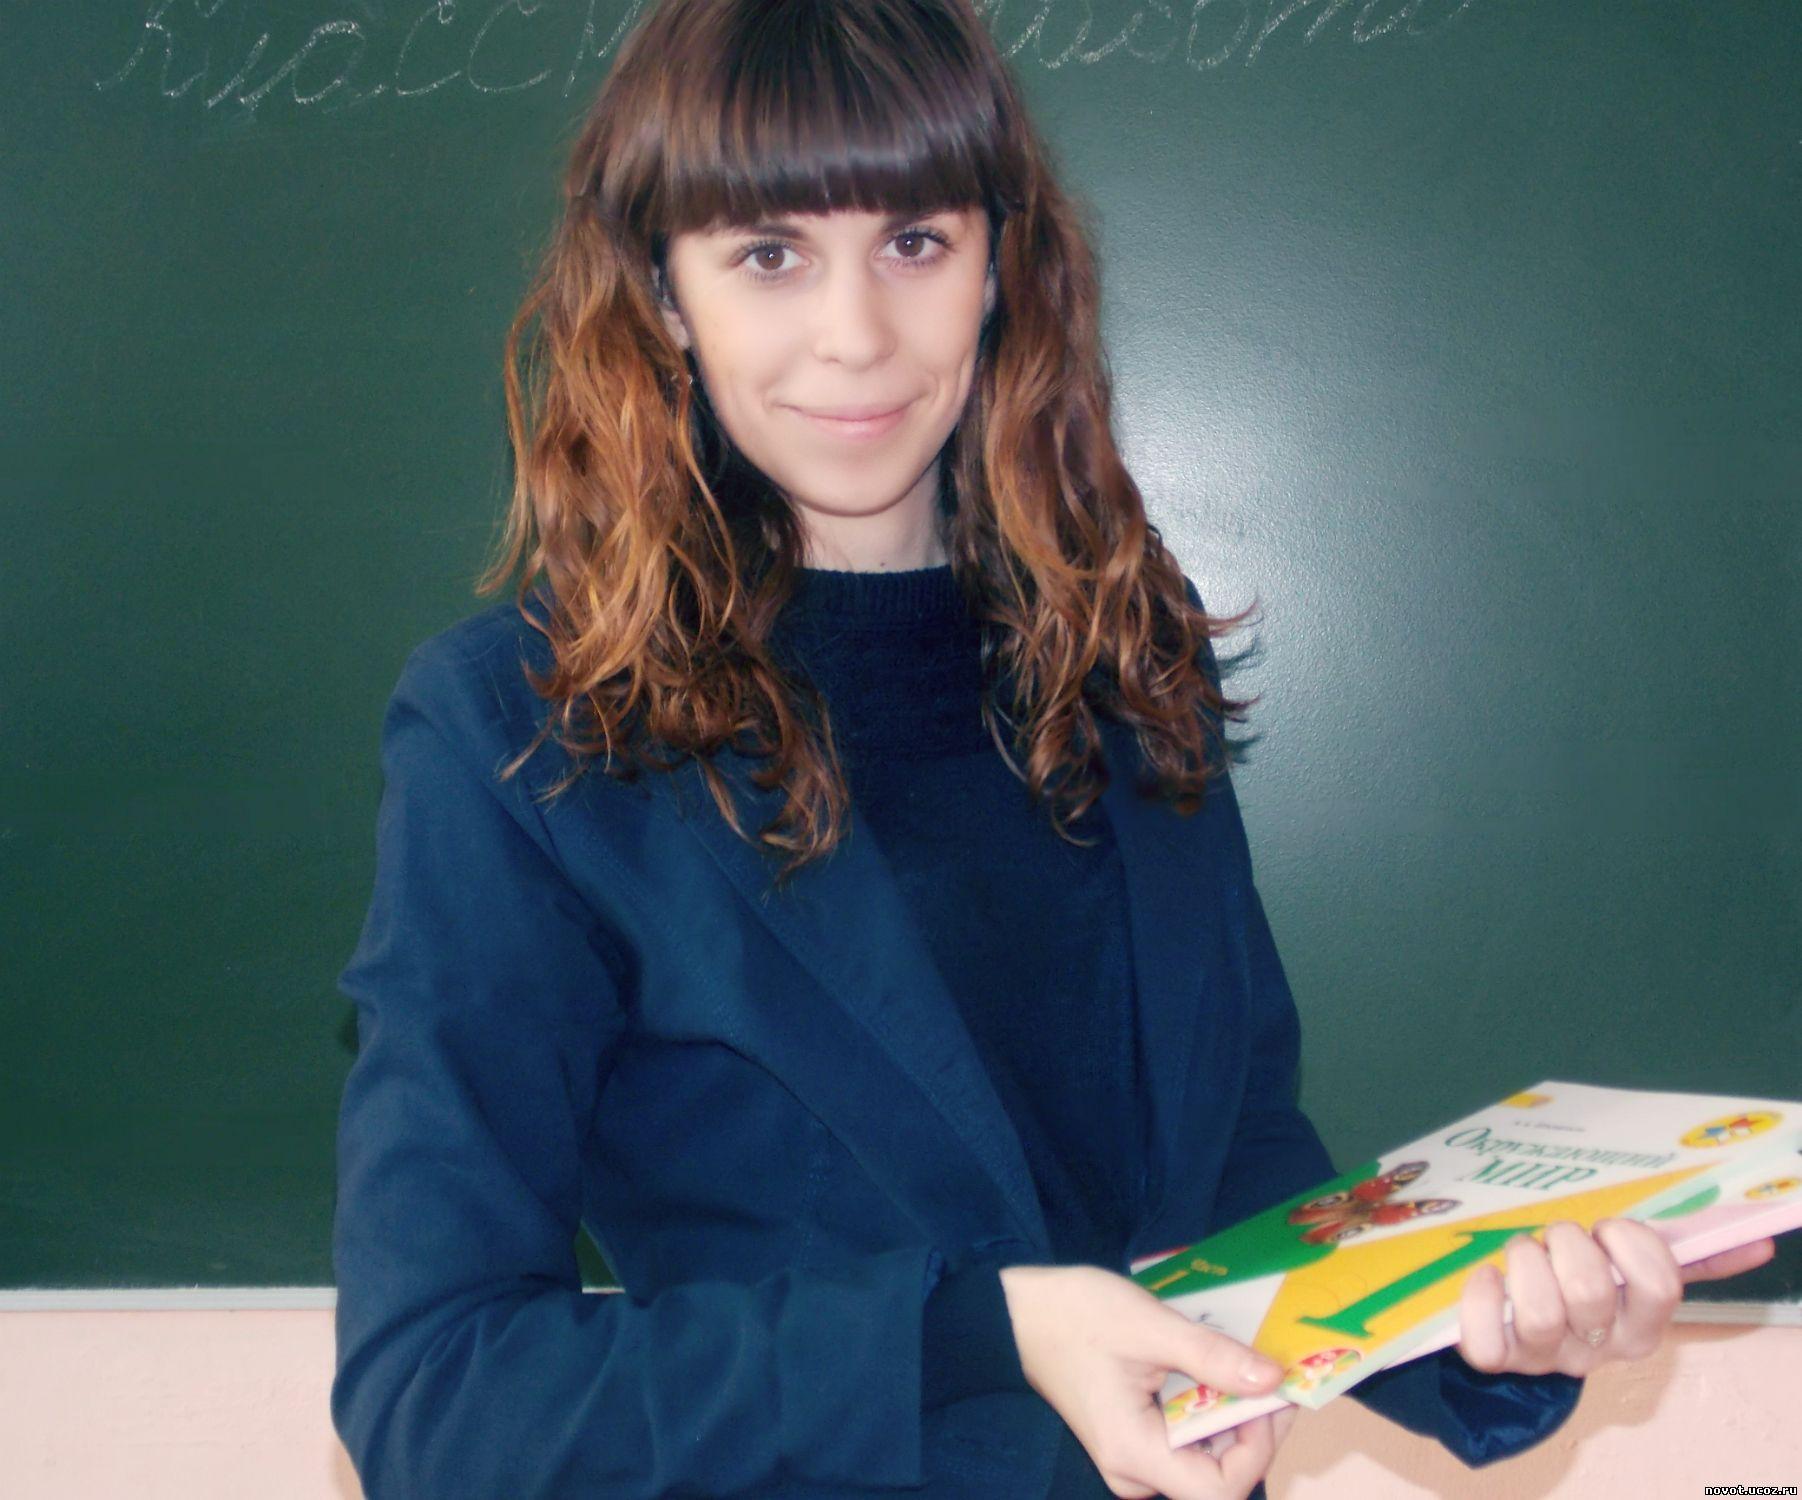 http://novot.ucoz.ru/foto/dscn1065rn.jpg